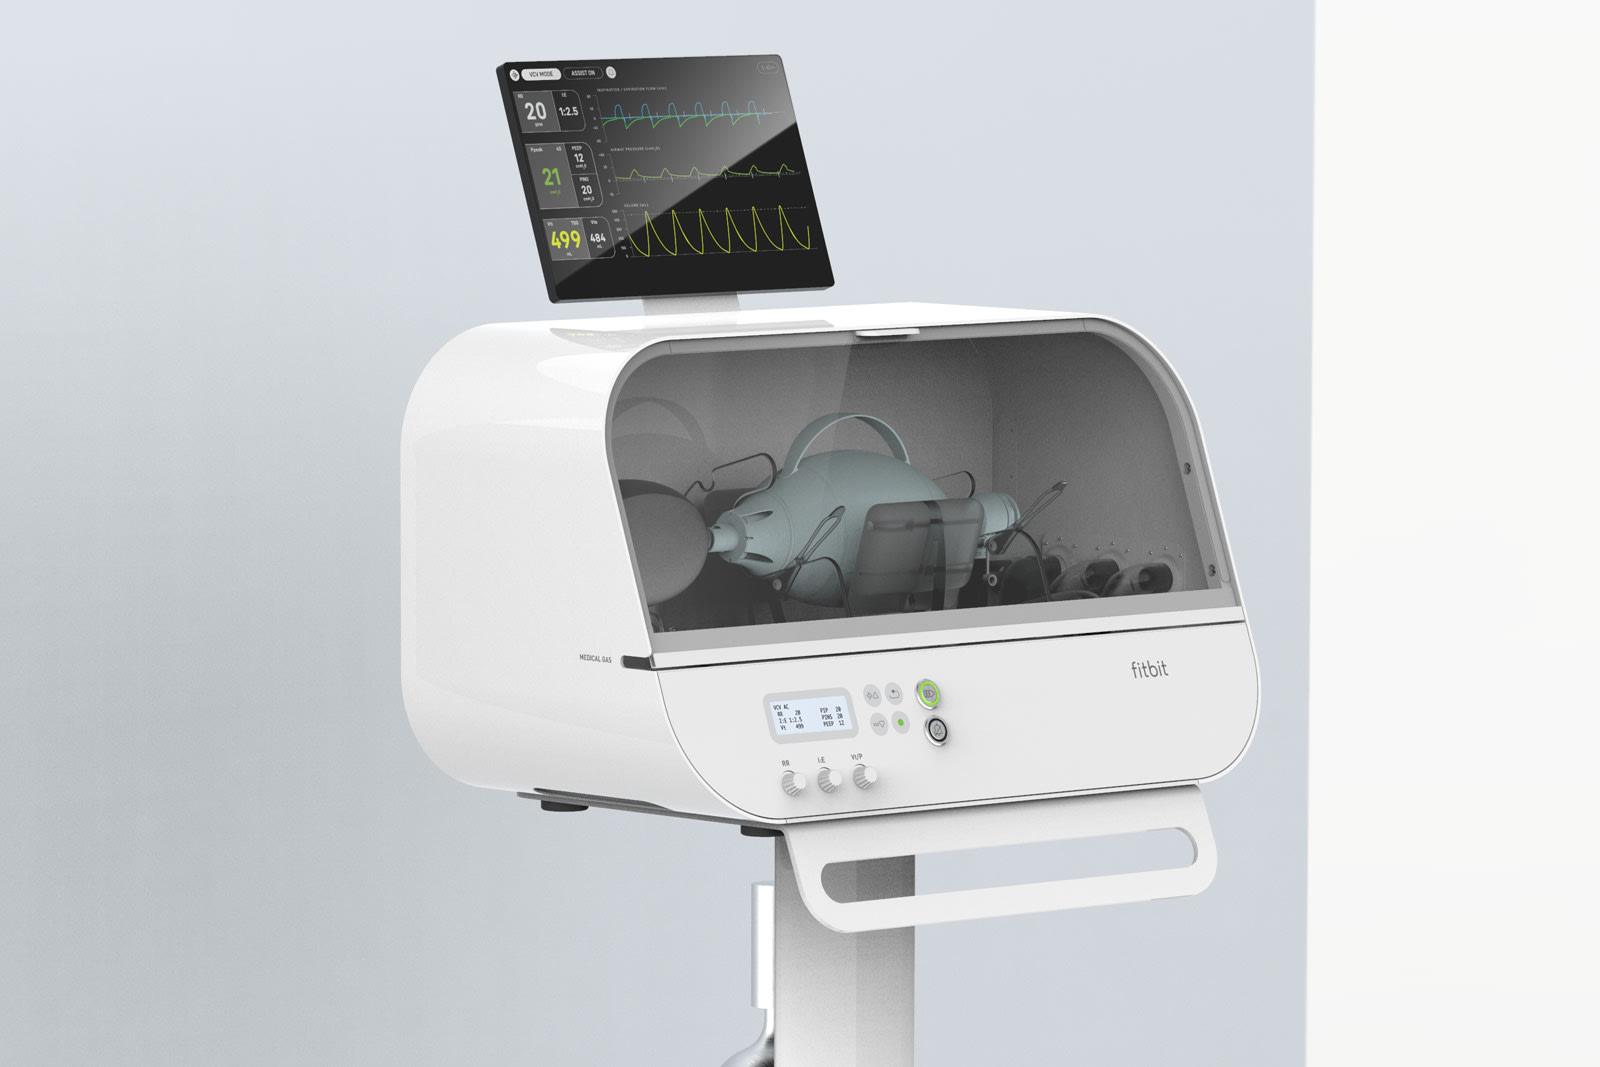 适用于COVID-19的Fitbit流量呼吸机获得FDA的紧急批准